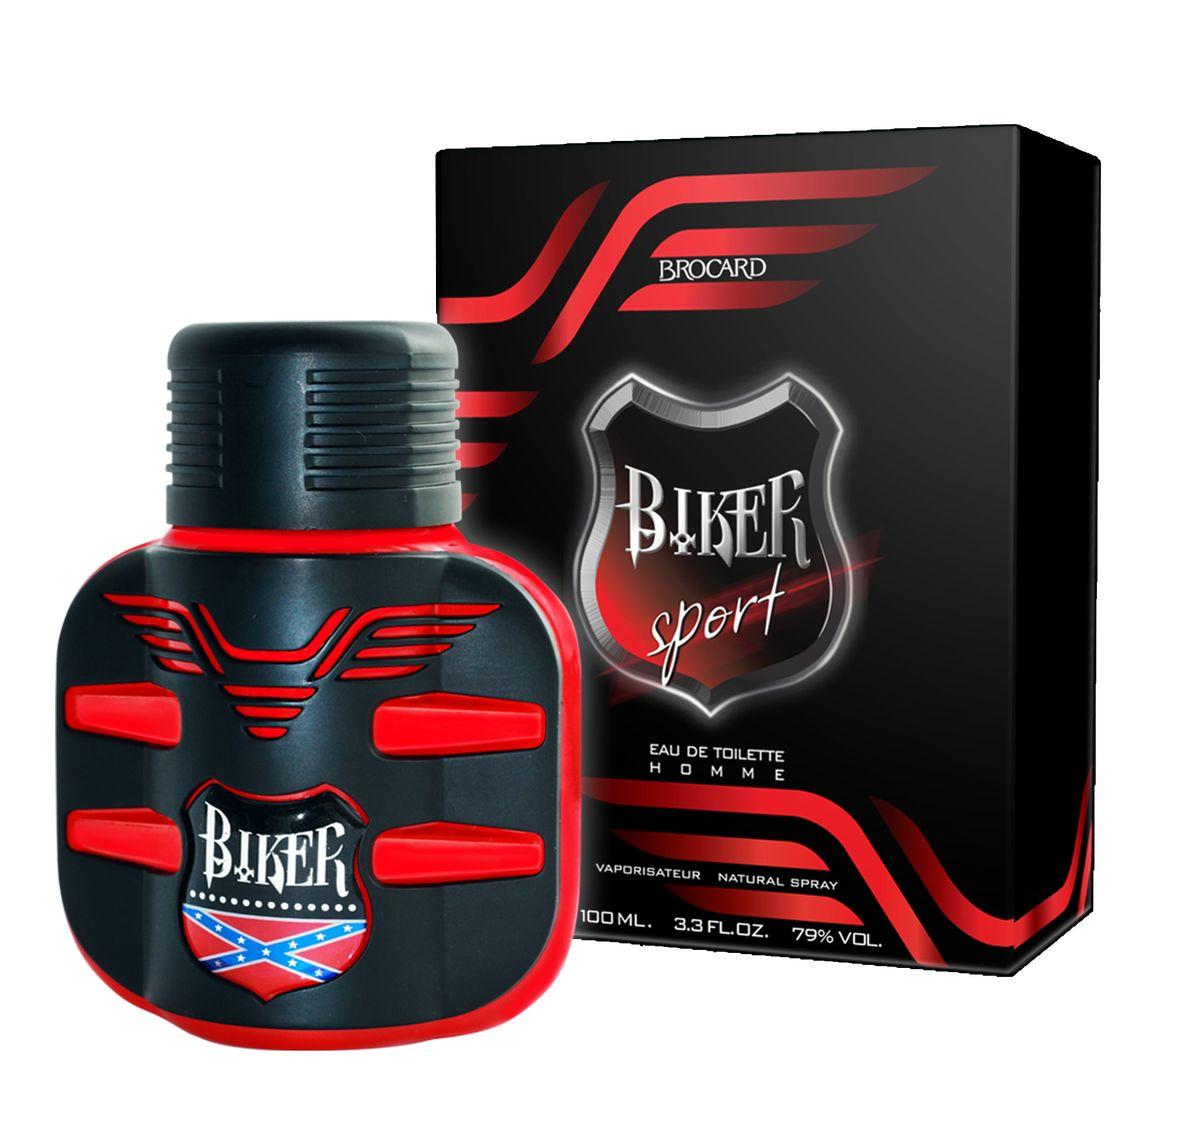 Brocard Biker Sport Туалетная вода для мужчин, 100 мл1301210Импульсивный, свежий, искрящийся, динамичный, порывистый и жизнеутверждающий...Цитрусово-фужерный аромат, созвучный порыву ветра. Скорость. Драйв. Эмоции...